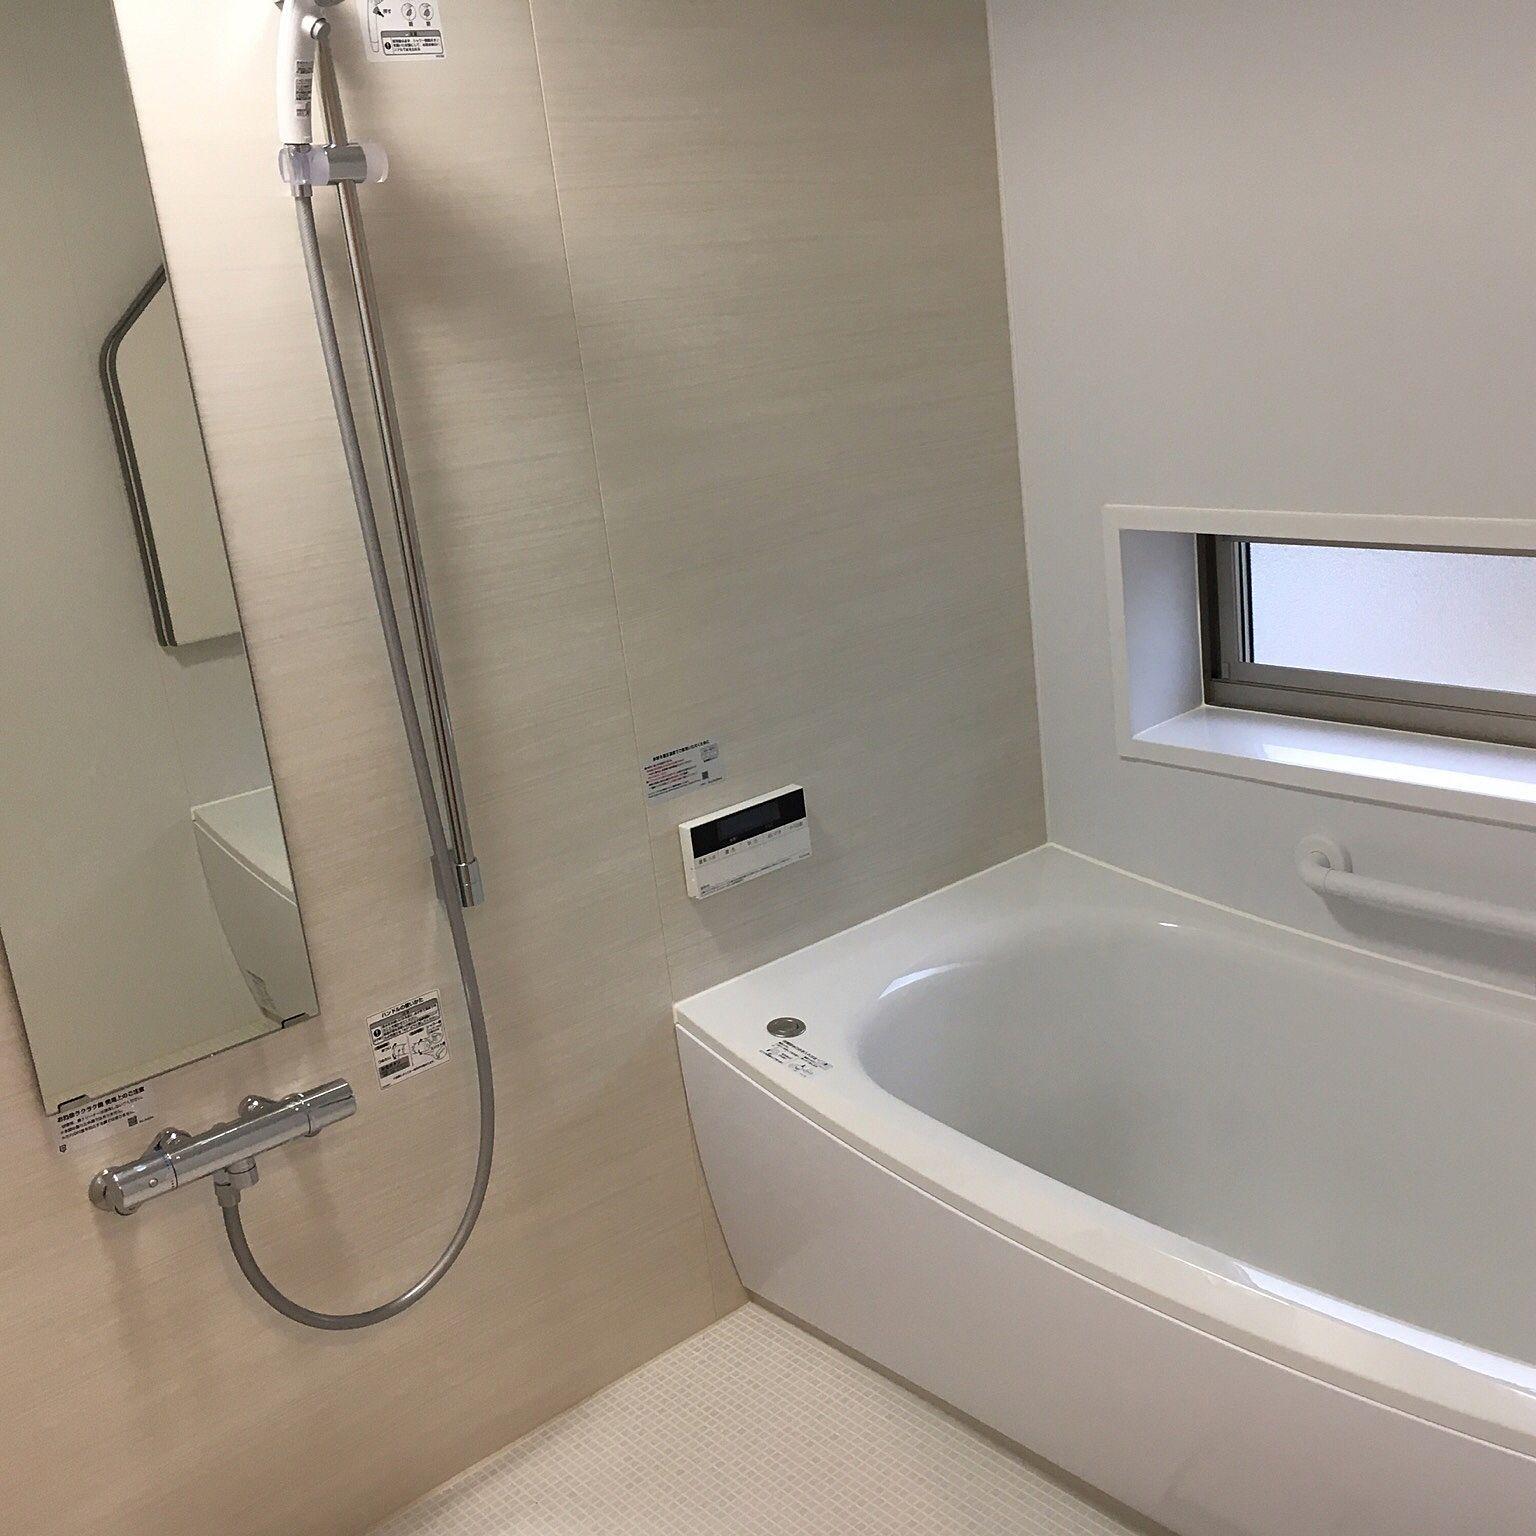 バス トイレ カウンターなし Totoサザナ 棚なし Toto などのインテリア実例 2017 06 09 19 39 01 Roomclip ルームクリップ 浴室 Toto 浴室 デザイン 浴室 収納